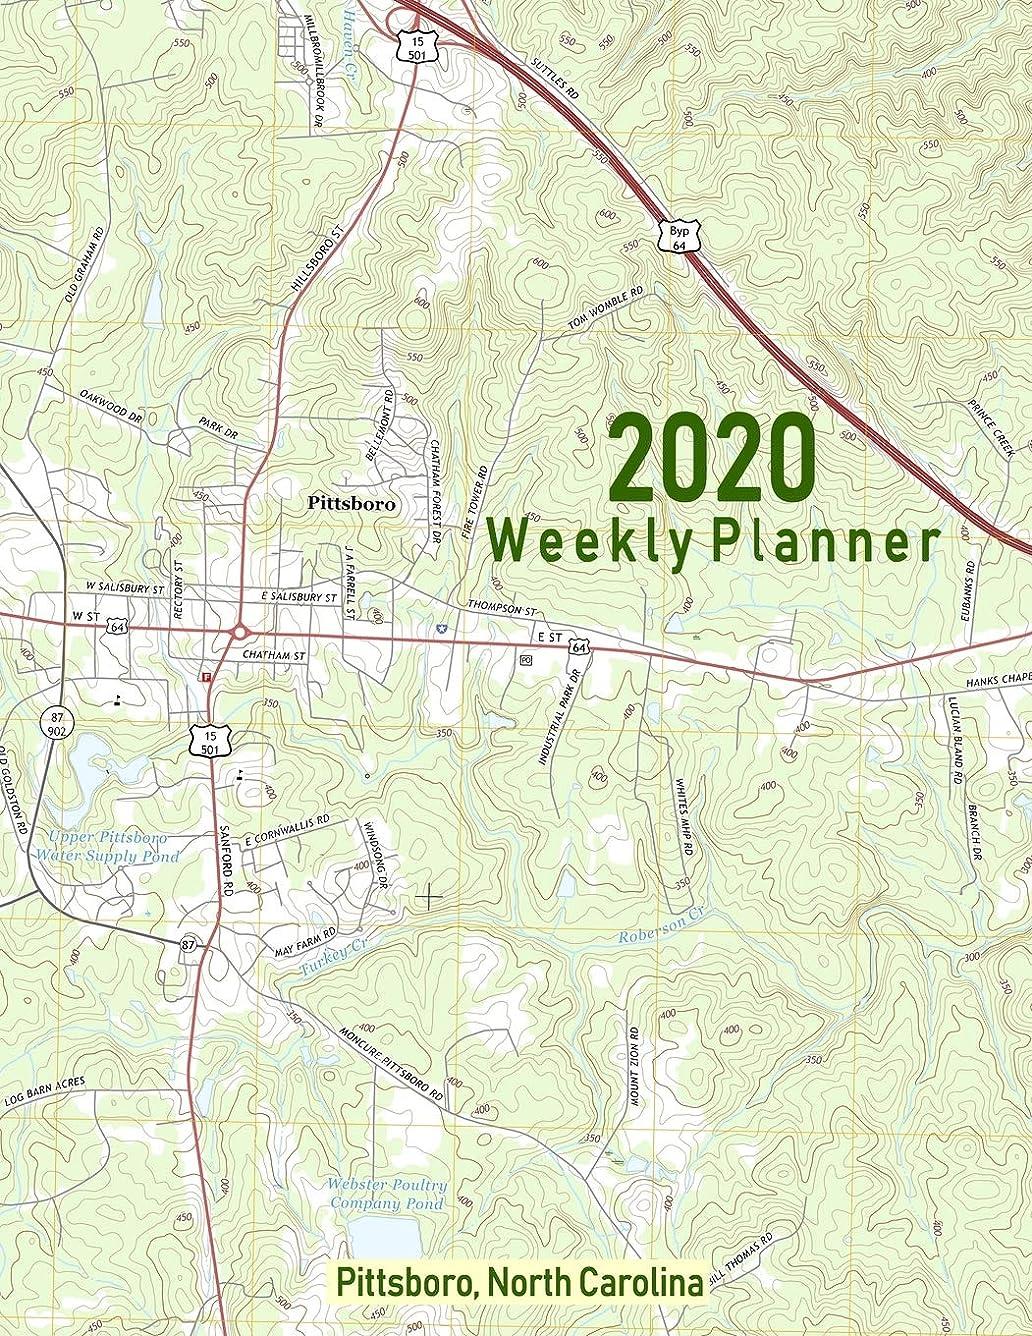 性交人工テメリティ2020 Weekly Planner: Pittsboro, North Carolina: Topo Map Cover